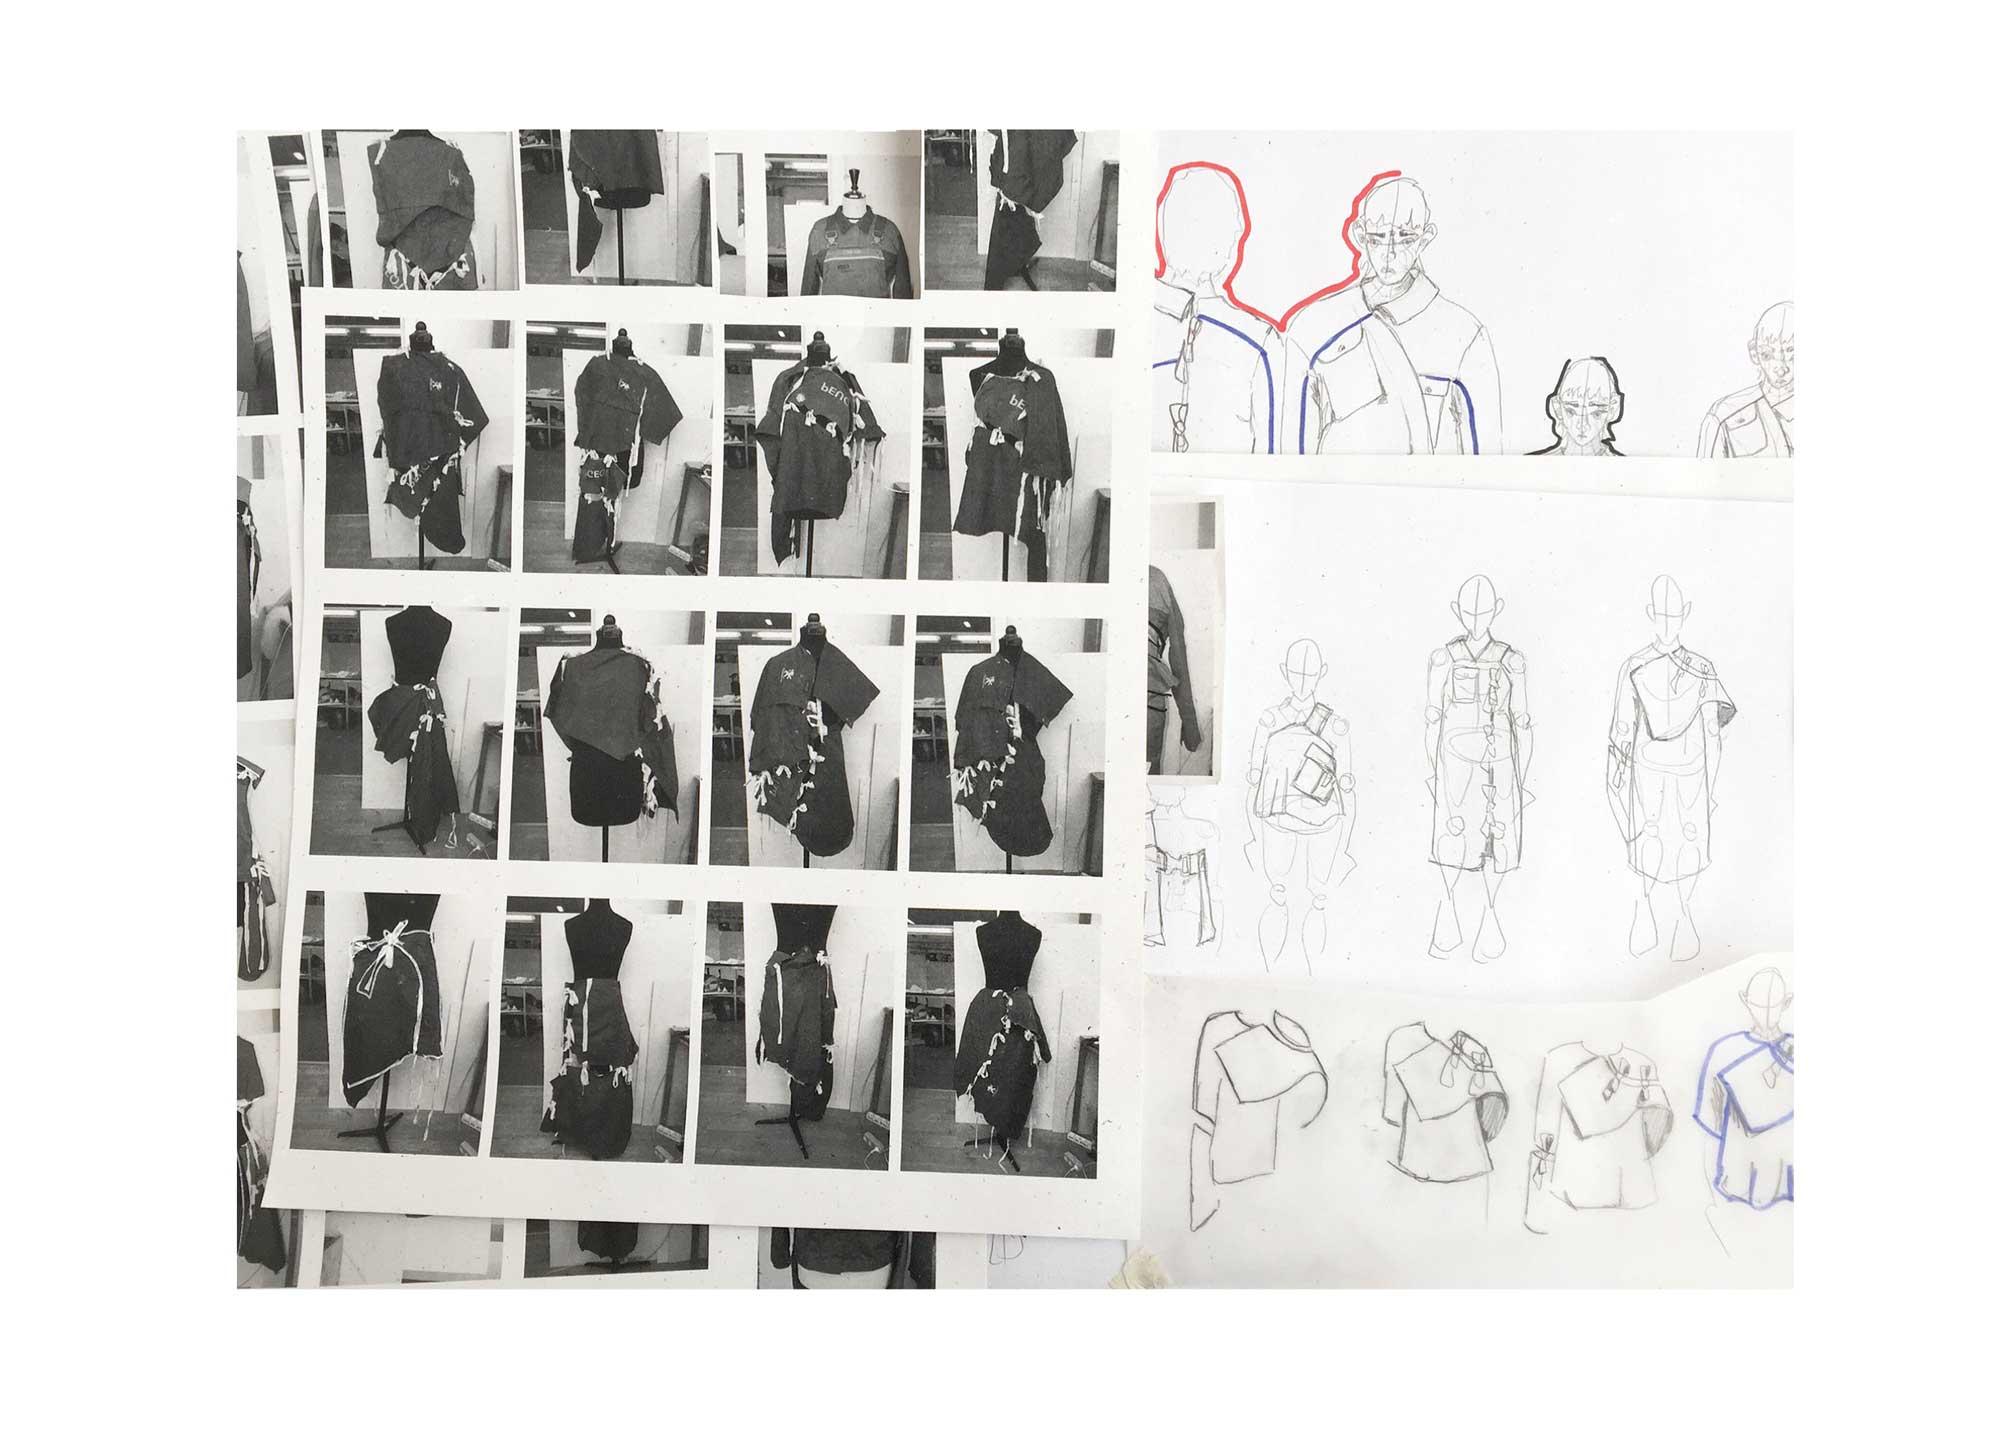 Как создать свой бренд одежды, создать свой бренд одежды с нуля, бизнес идея одежда